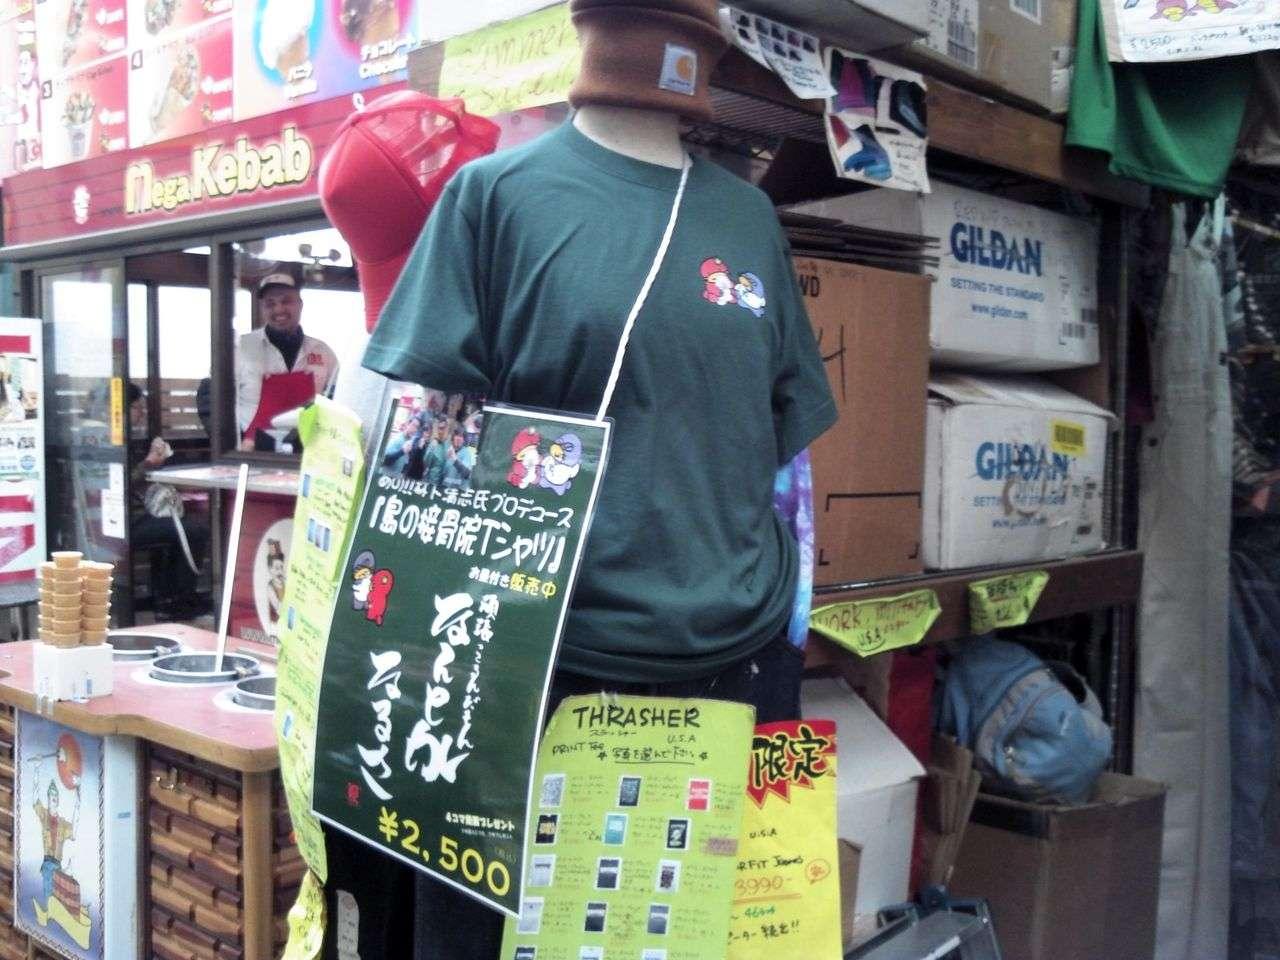 ビッグダディこと林下清志、9月14日開催の野外フェス「AOMORI ROCK FESTIVAL」でプロレスデビューww